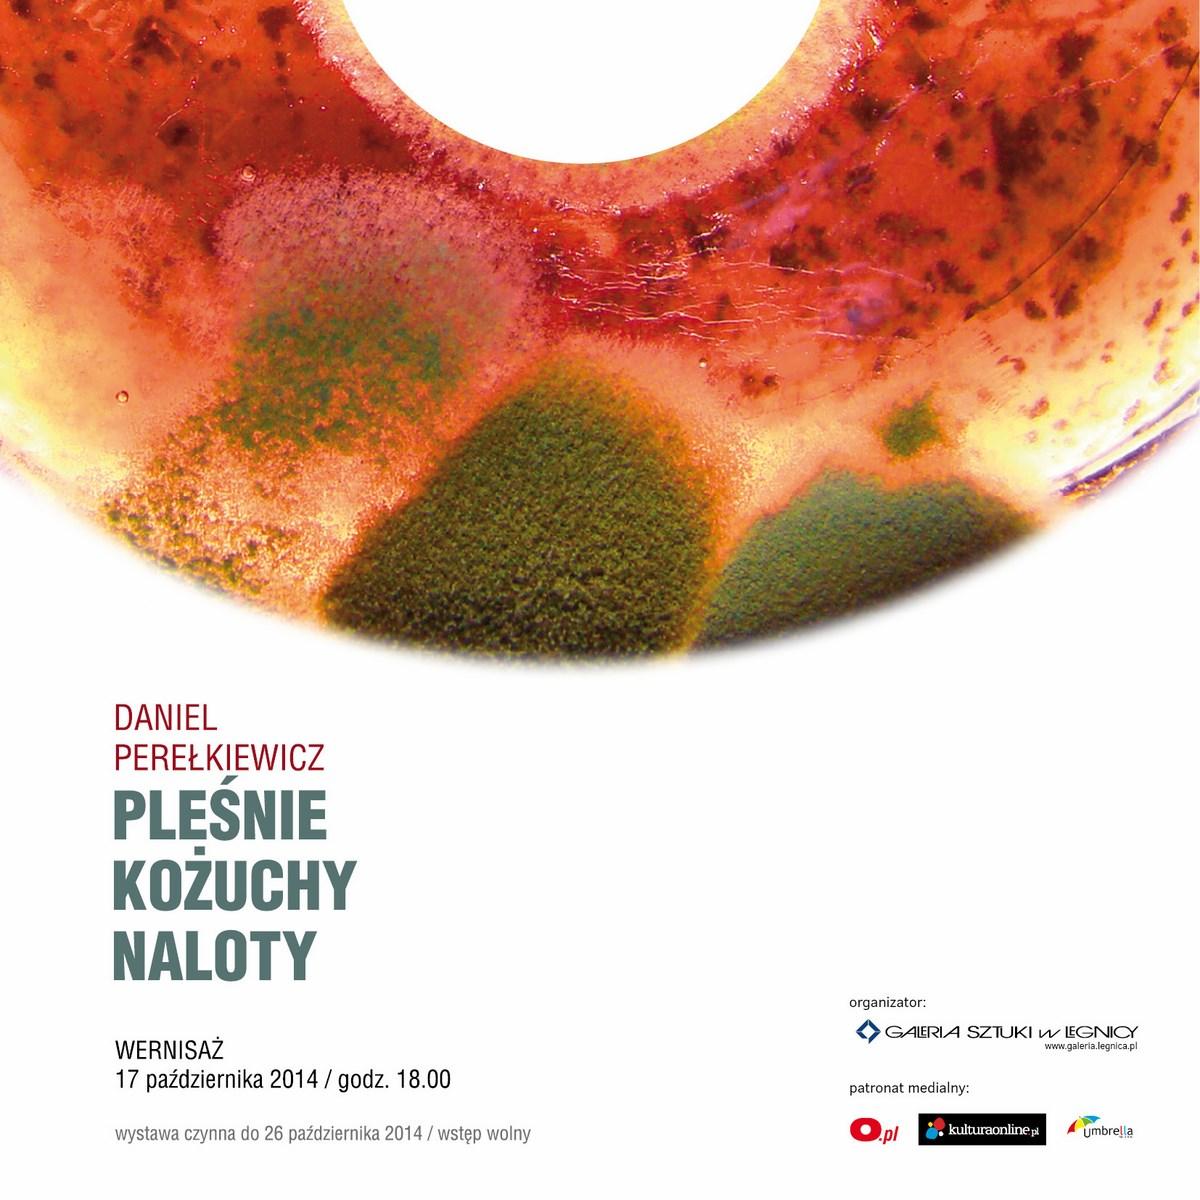 """Daniel Perełkiewicz, """"Pleśnie, kożuchy, naloty"""", plakat wystawy, Galeria Sztuki w Legnicy (źródło: materiały prasowe organizatora)"""